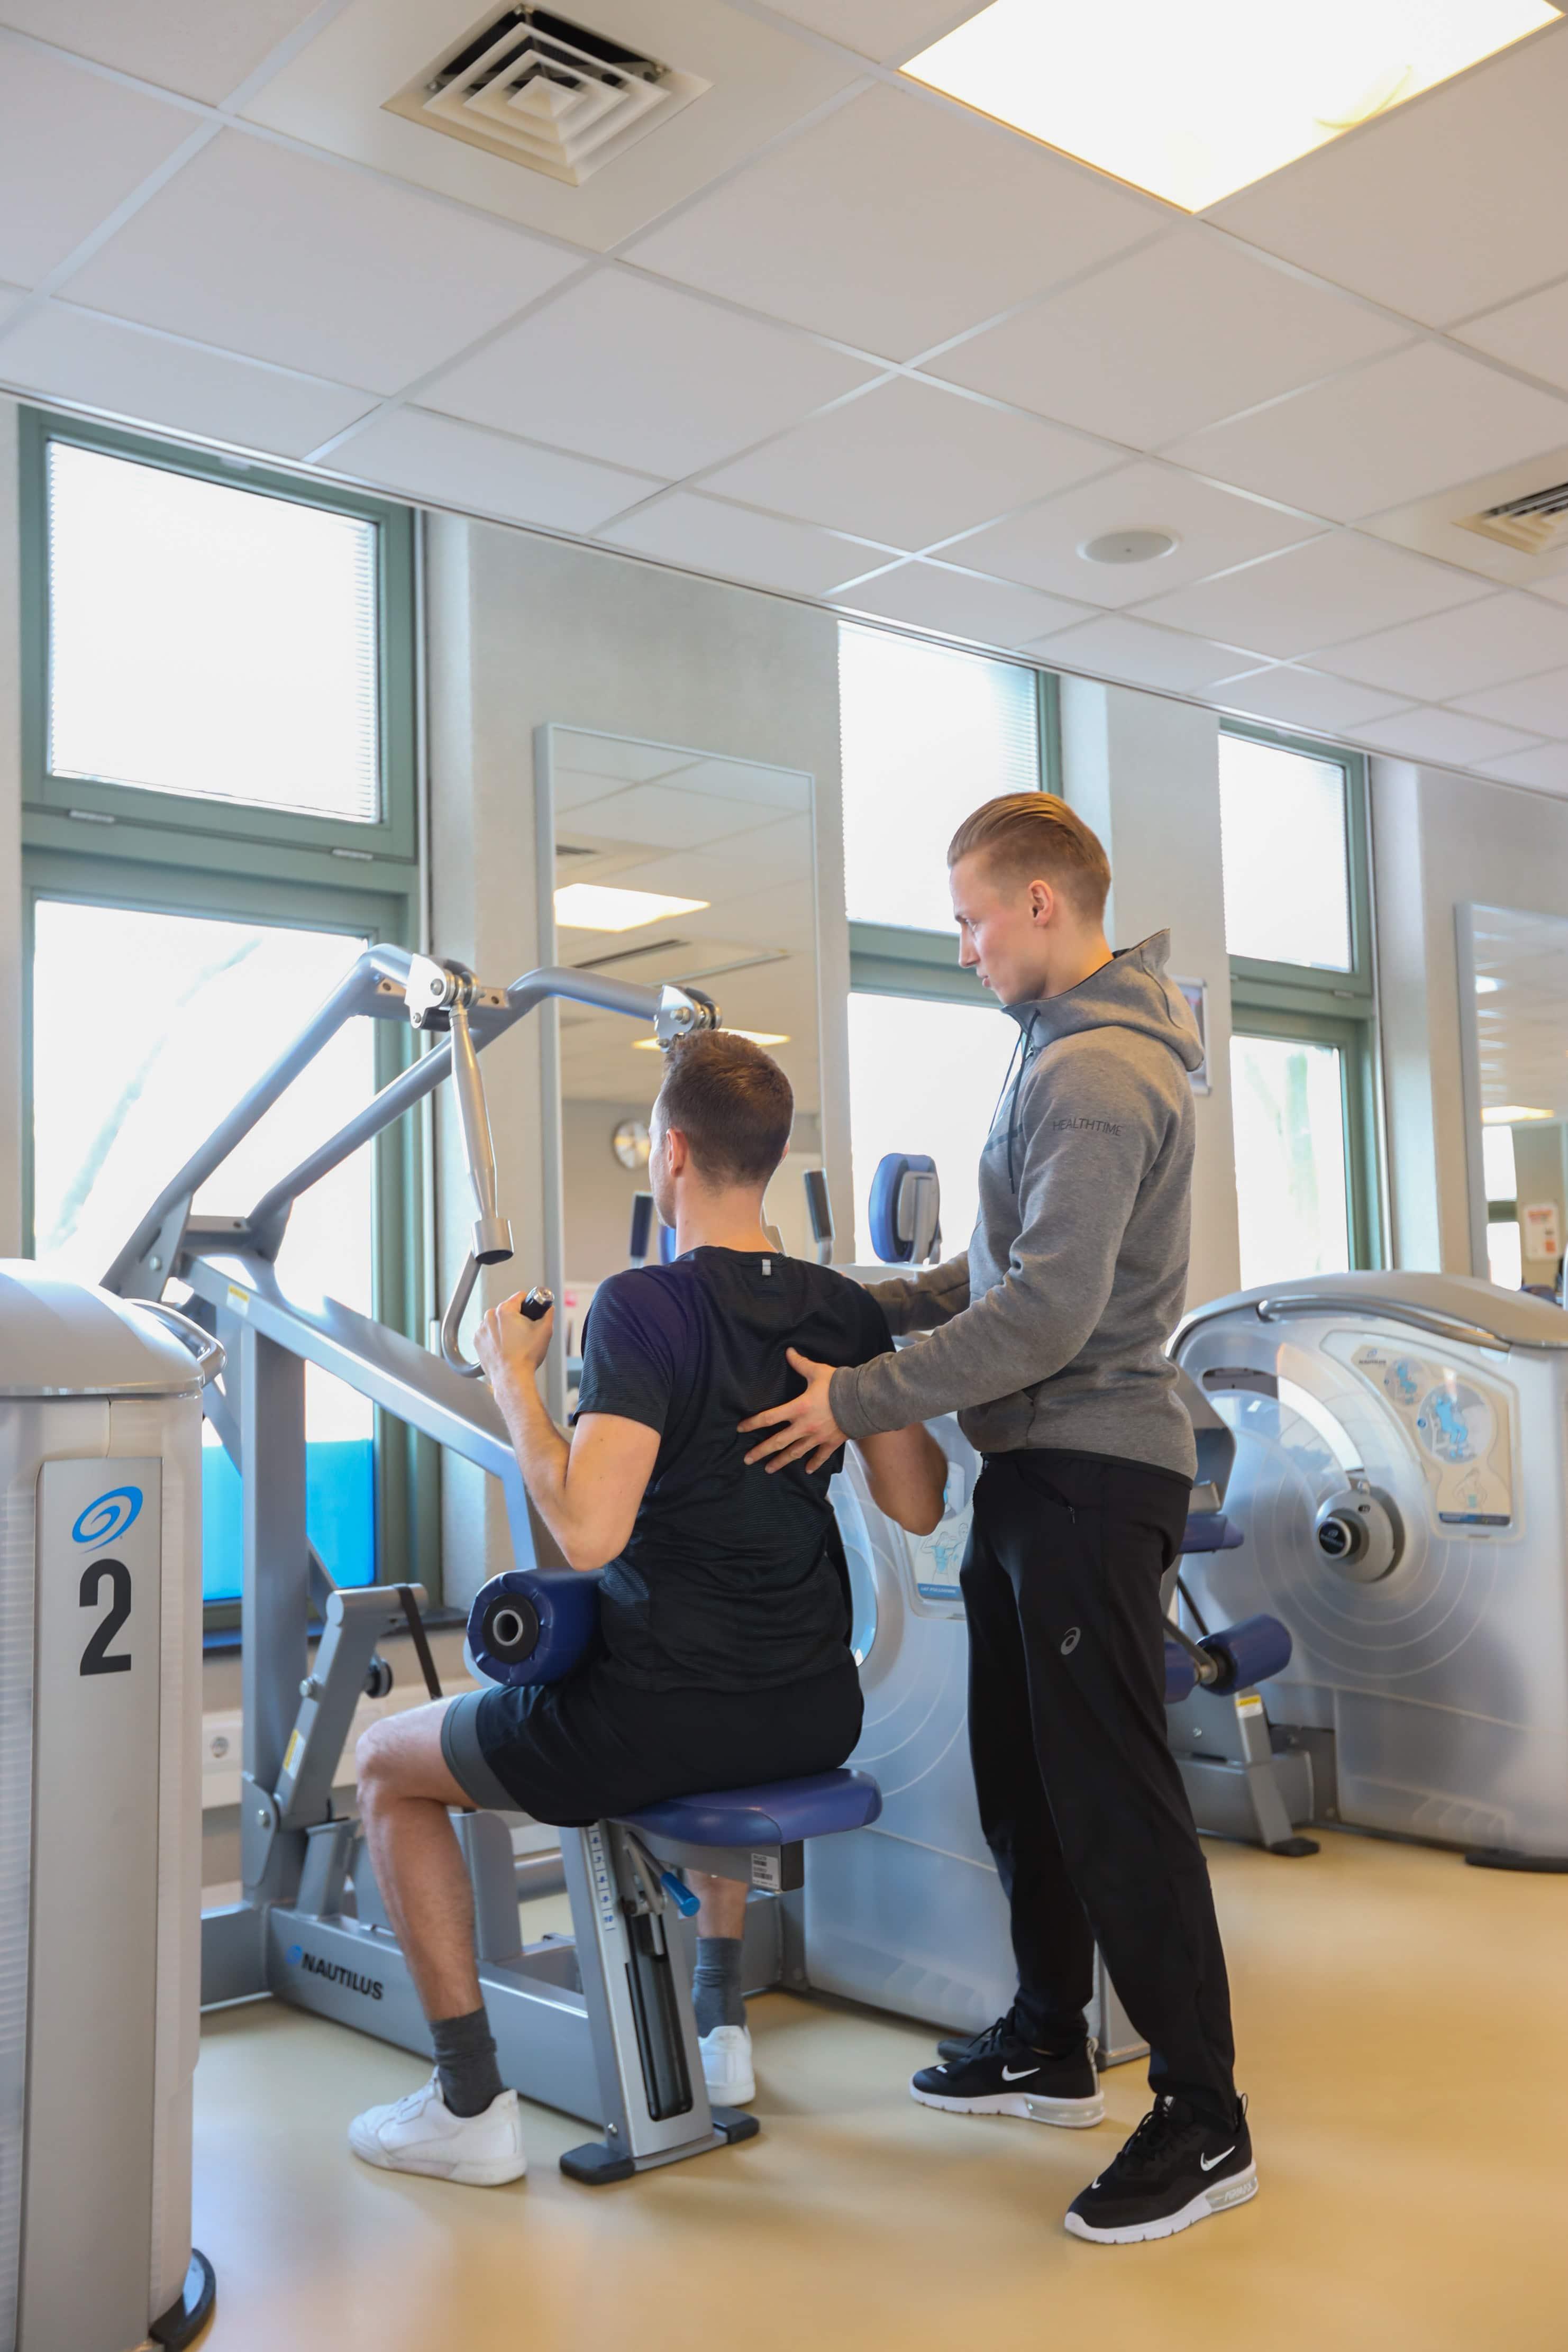 persoonlijke begeleiding professionele trainer ruime oefenzaal